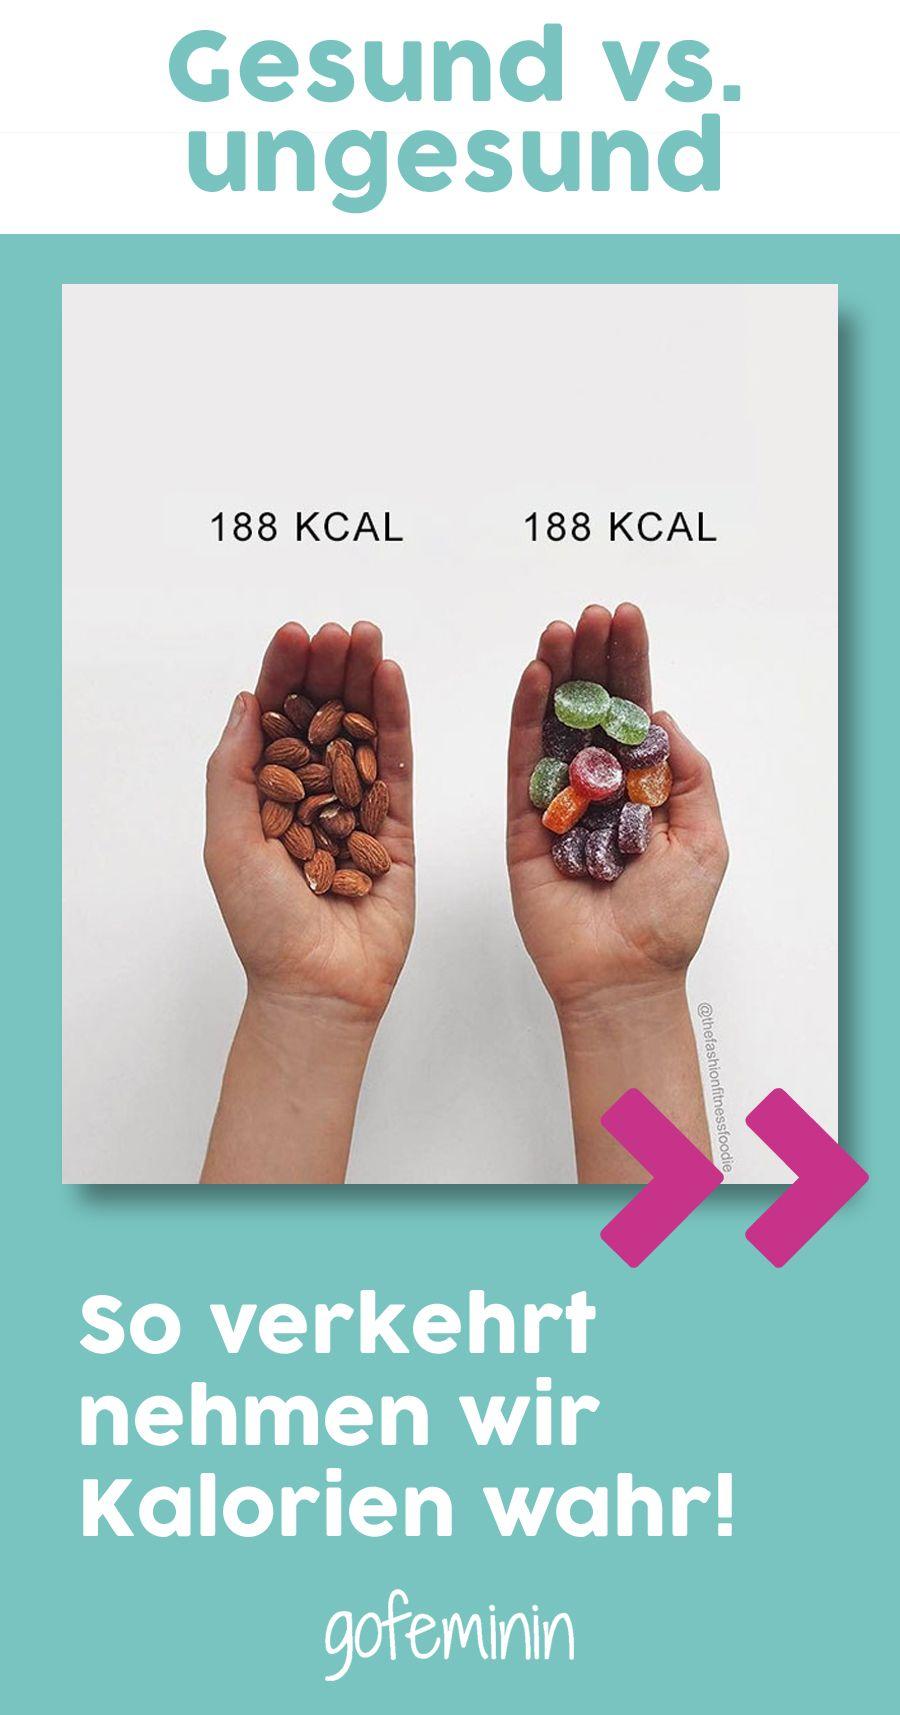 Gesund vs. ungesund: So verkehrt nehmen wir Kalorien wahr ...